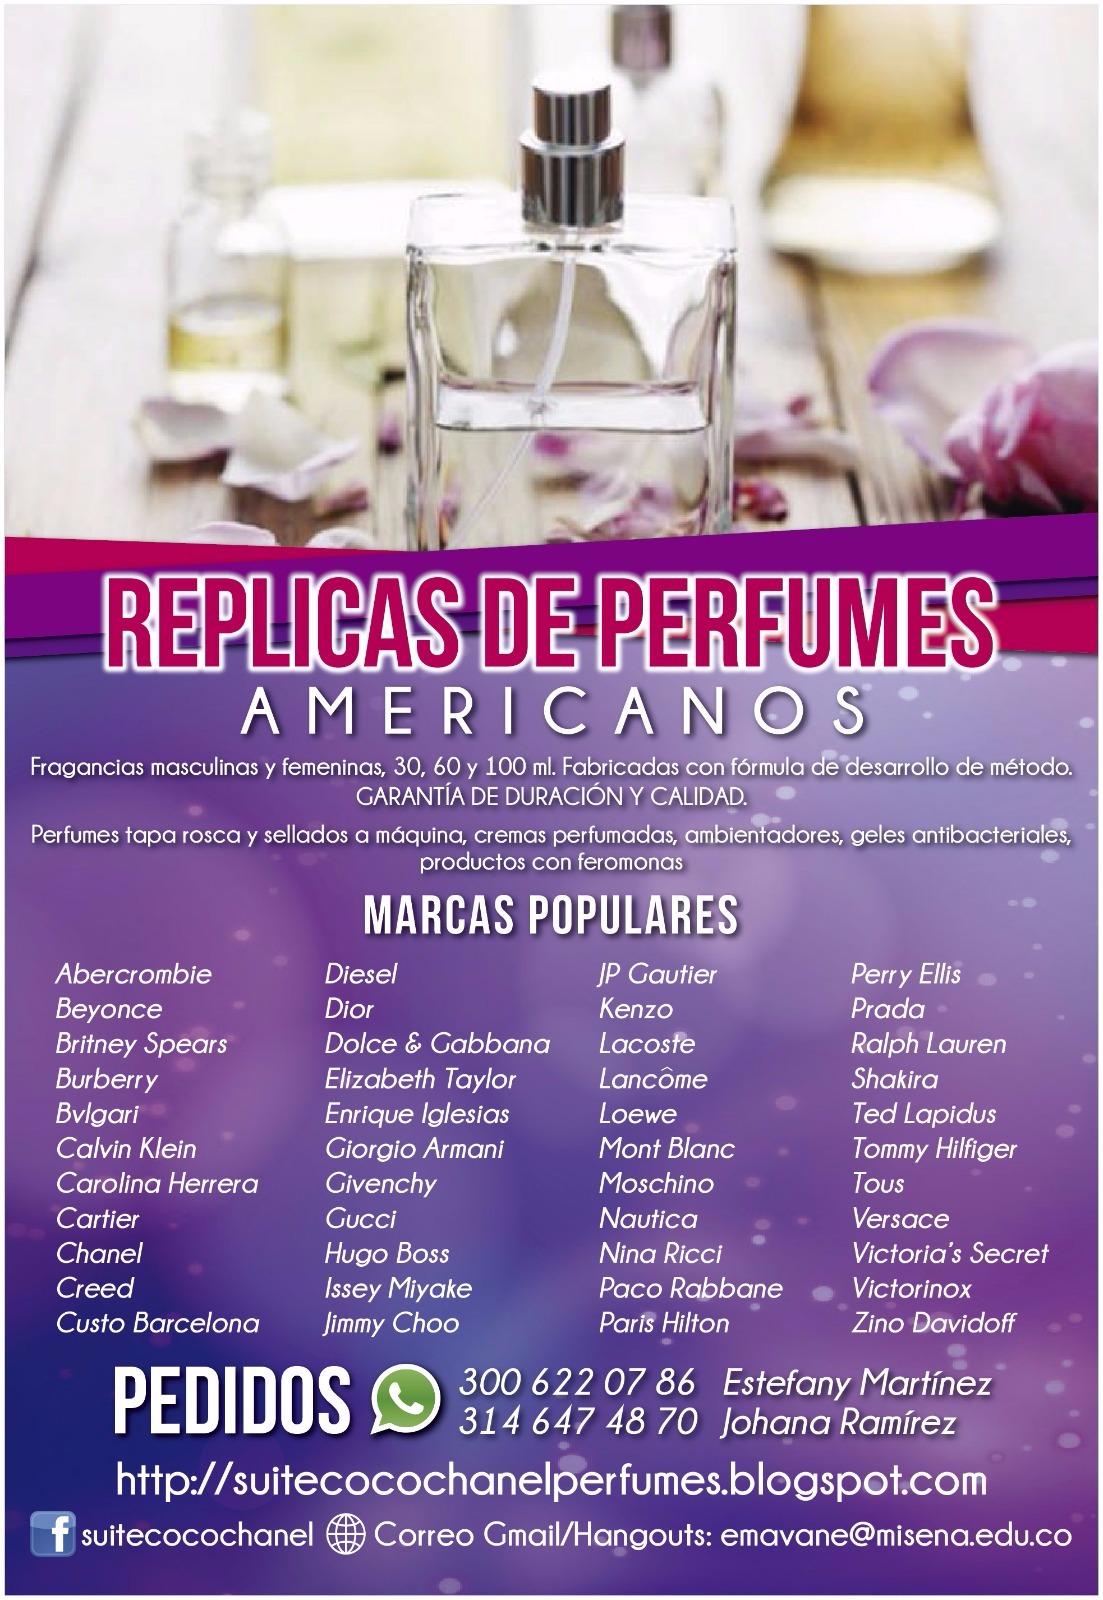 Perfumes Medellín Suite Koko Shanel Réplicas Perfumes